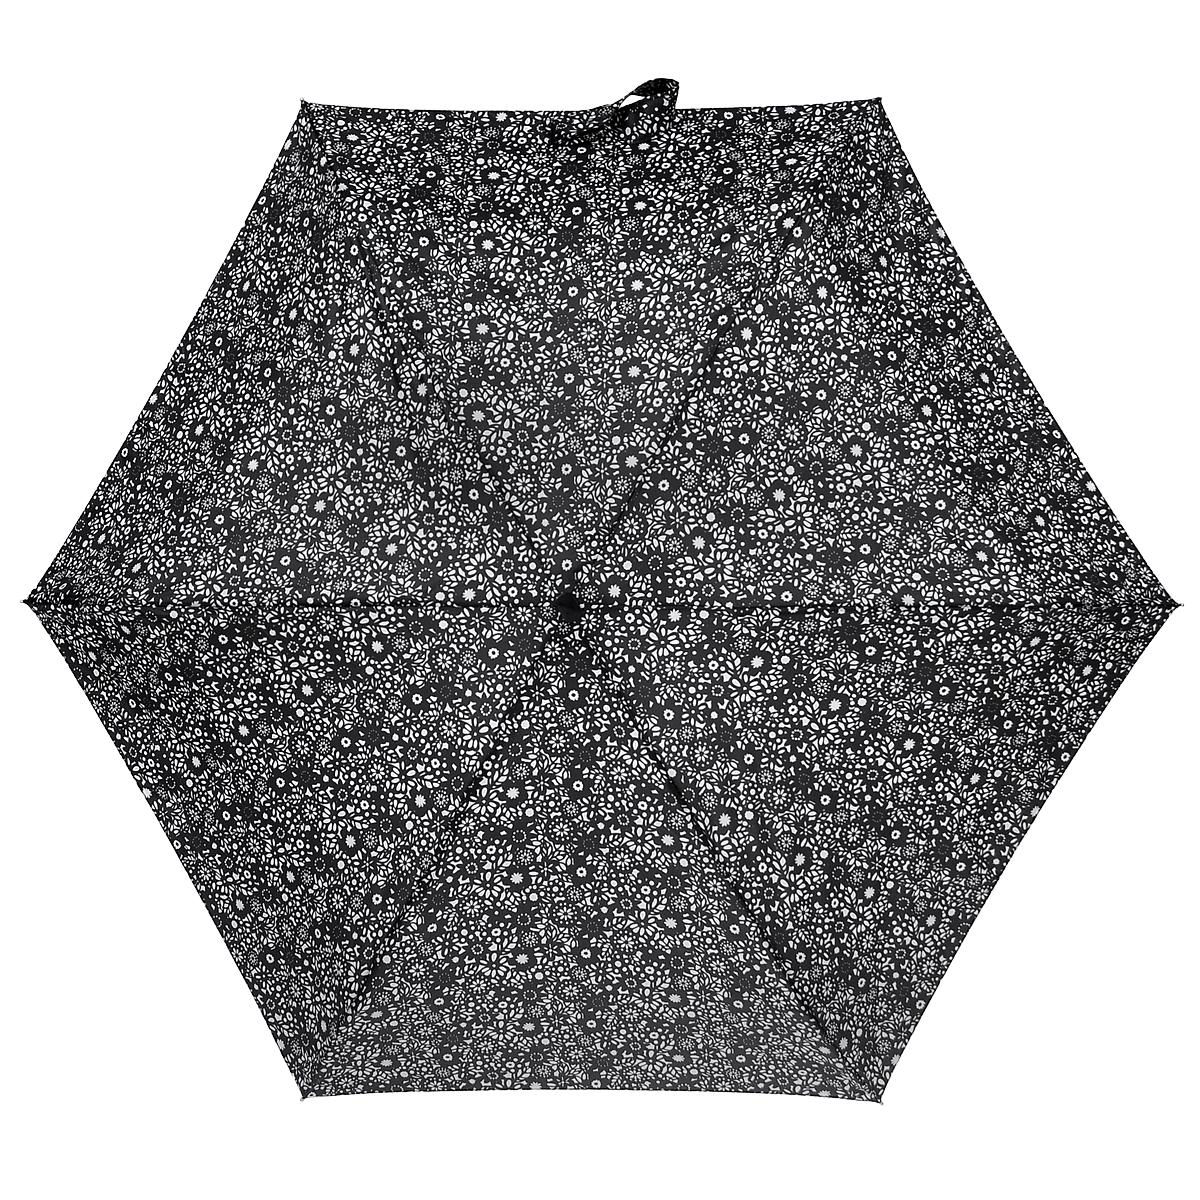 """Зонт женский Fulton Chantilly Lace, механический, 5 сложений, цвет: черный, белый. L501REM12-CAM-GREENBLACKСтильный зонт Fulton Chantilly Lace, защитит от непогоды, а его сверхкомпактный размер позволит вам всегда носить его с собой. """"Ветростойкий"""" плоский алюминиевый каркас в 5 сложений состоит из шести спиц с элементами из фибергласса, зонт оснащен удобной рукояткой из пластика, обтянутого искусственной кожей.Купол зонта выполнен из прочного полиэстера и оформлен принтом. На рукоятке для удобства есть небольшой шнурок, позволяющий надеть зонт на руку тогда, когда это будет необходимо.К зонту прилагается чехол. Зонт механического сложения: купол открывается и закрывается вручную, стержень также складывается вручную до характерного щелчка.Характеристики: Материал: алюминий, фибергласс, пластик, полиэстер.Длина зонта в сложенном виде: 15 см.Длина ручки (стержня) в раскрытом виде:50 см."""